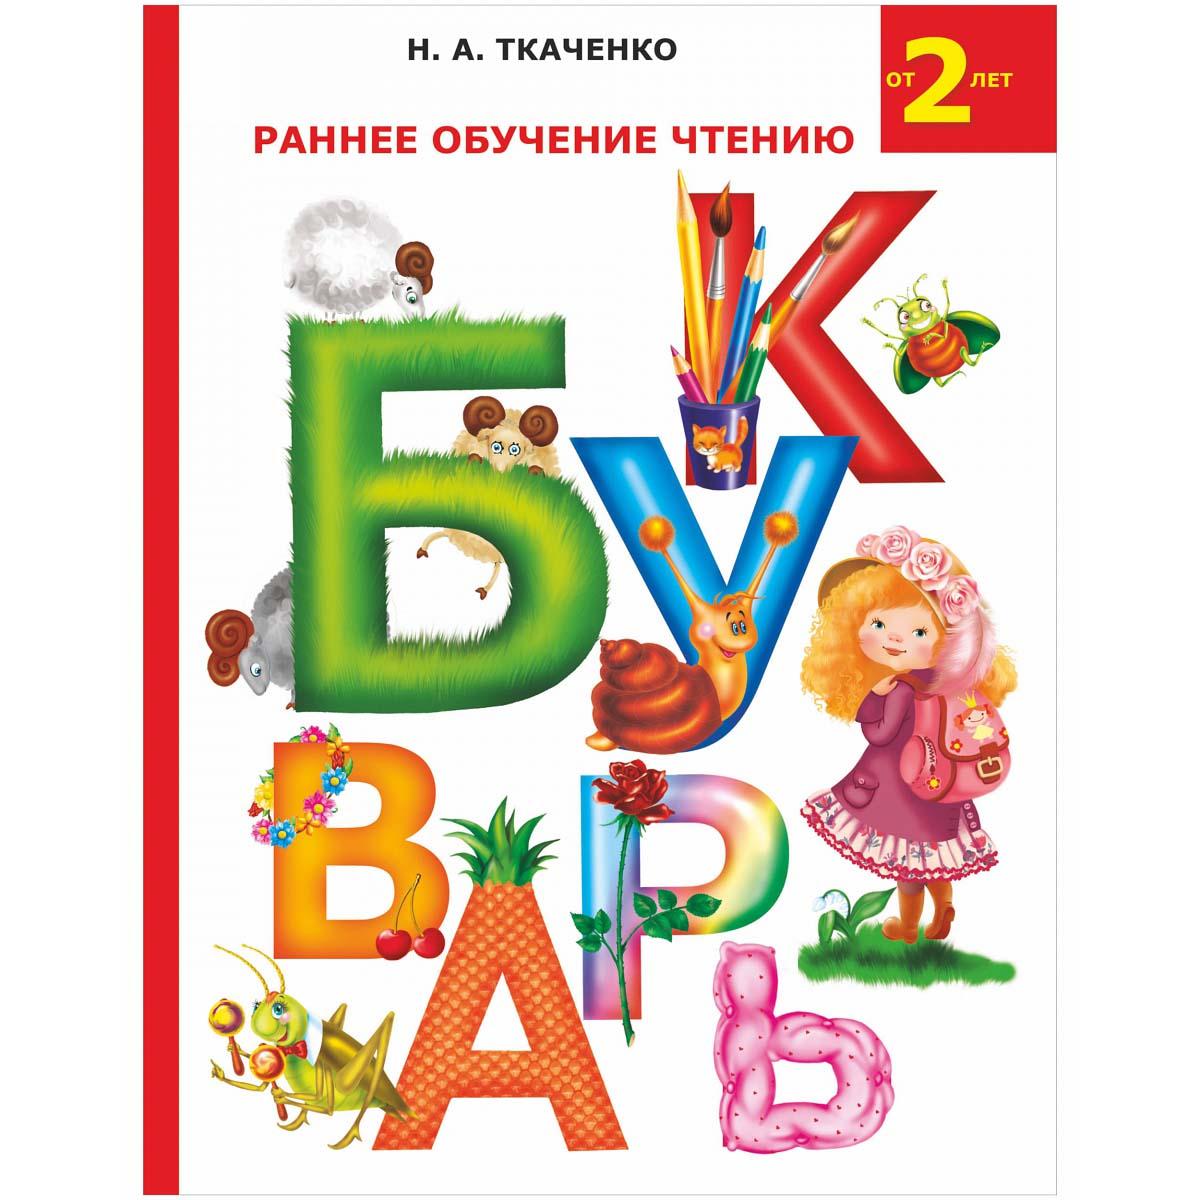 Книга Букварь - Раннее обучение чтению, Росмэн  - купить со скидкой